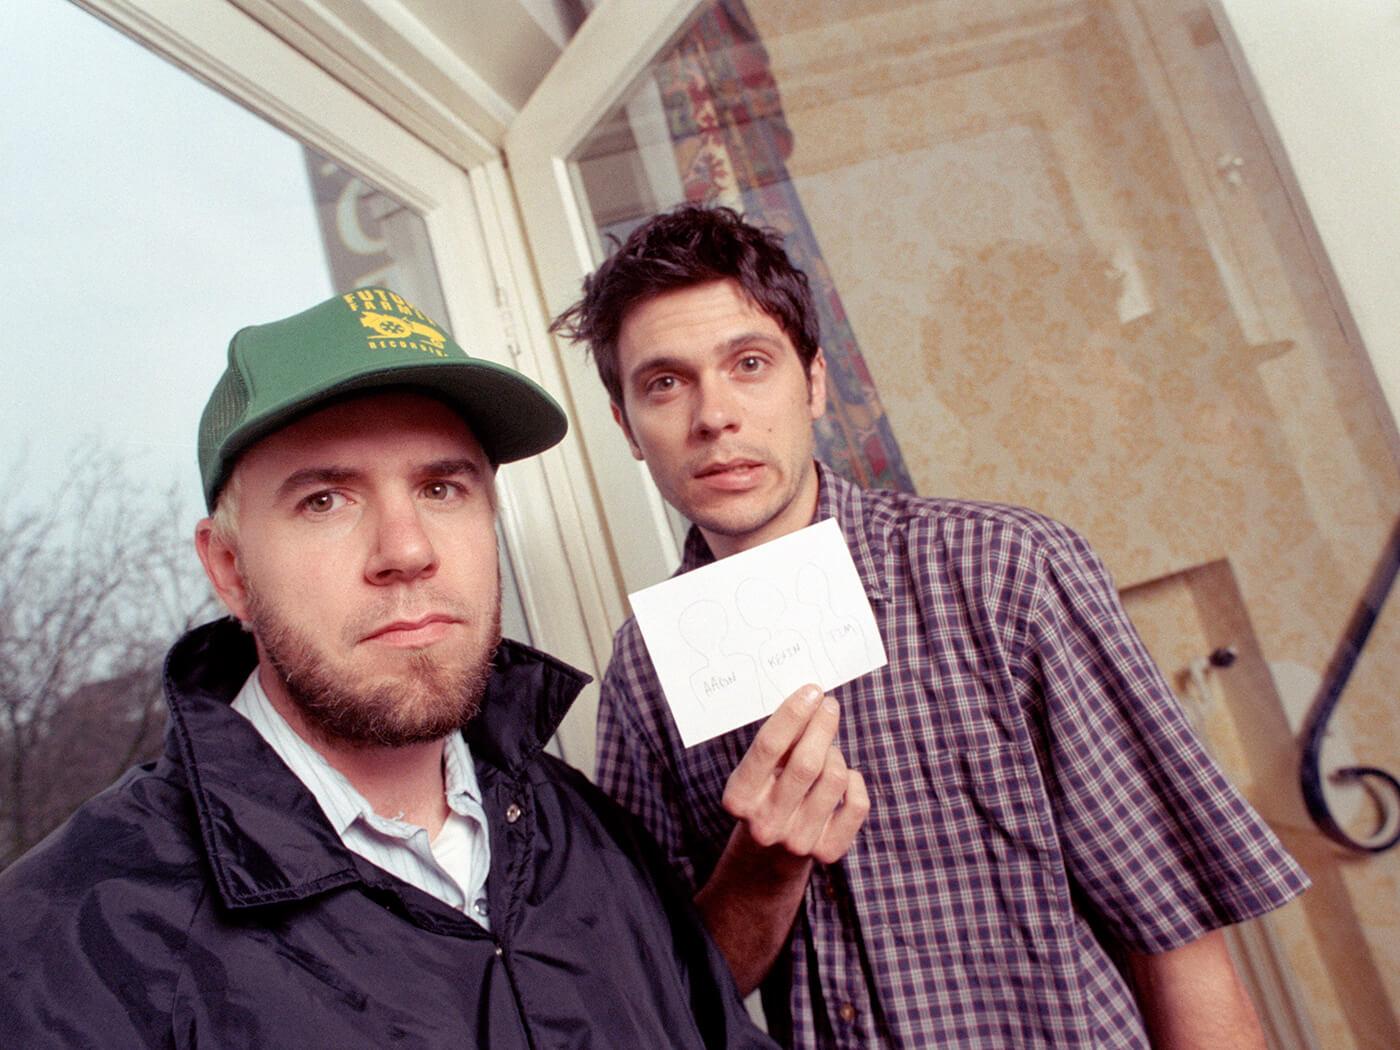 Jason Lytle and Jim Fairchild